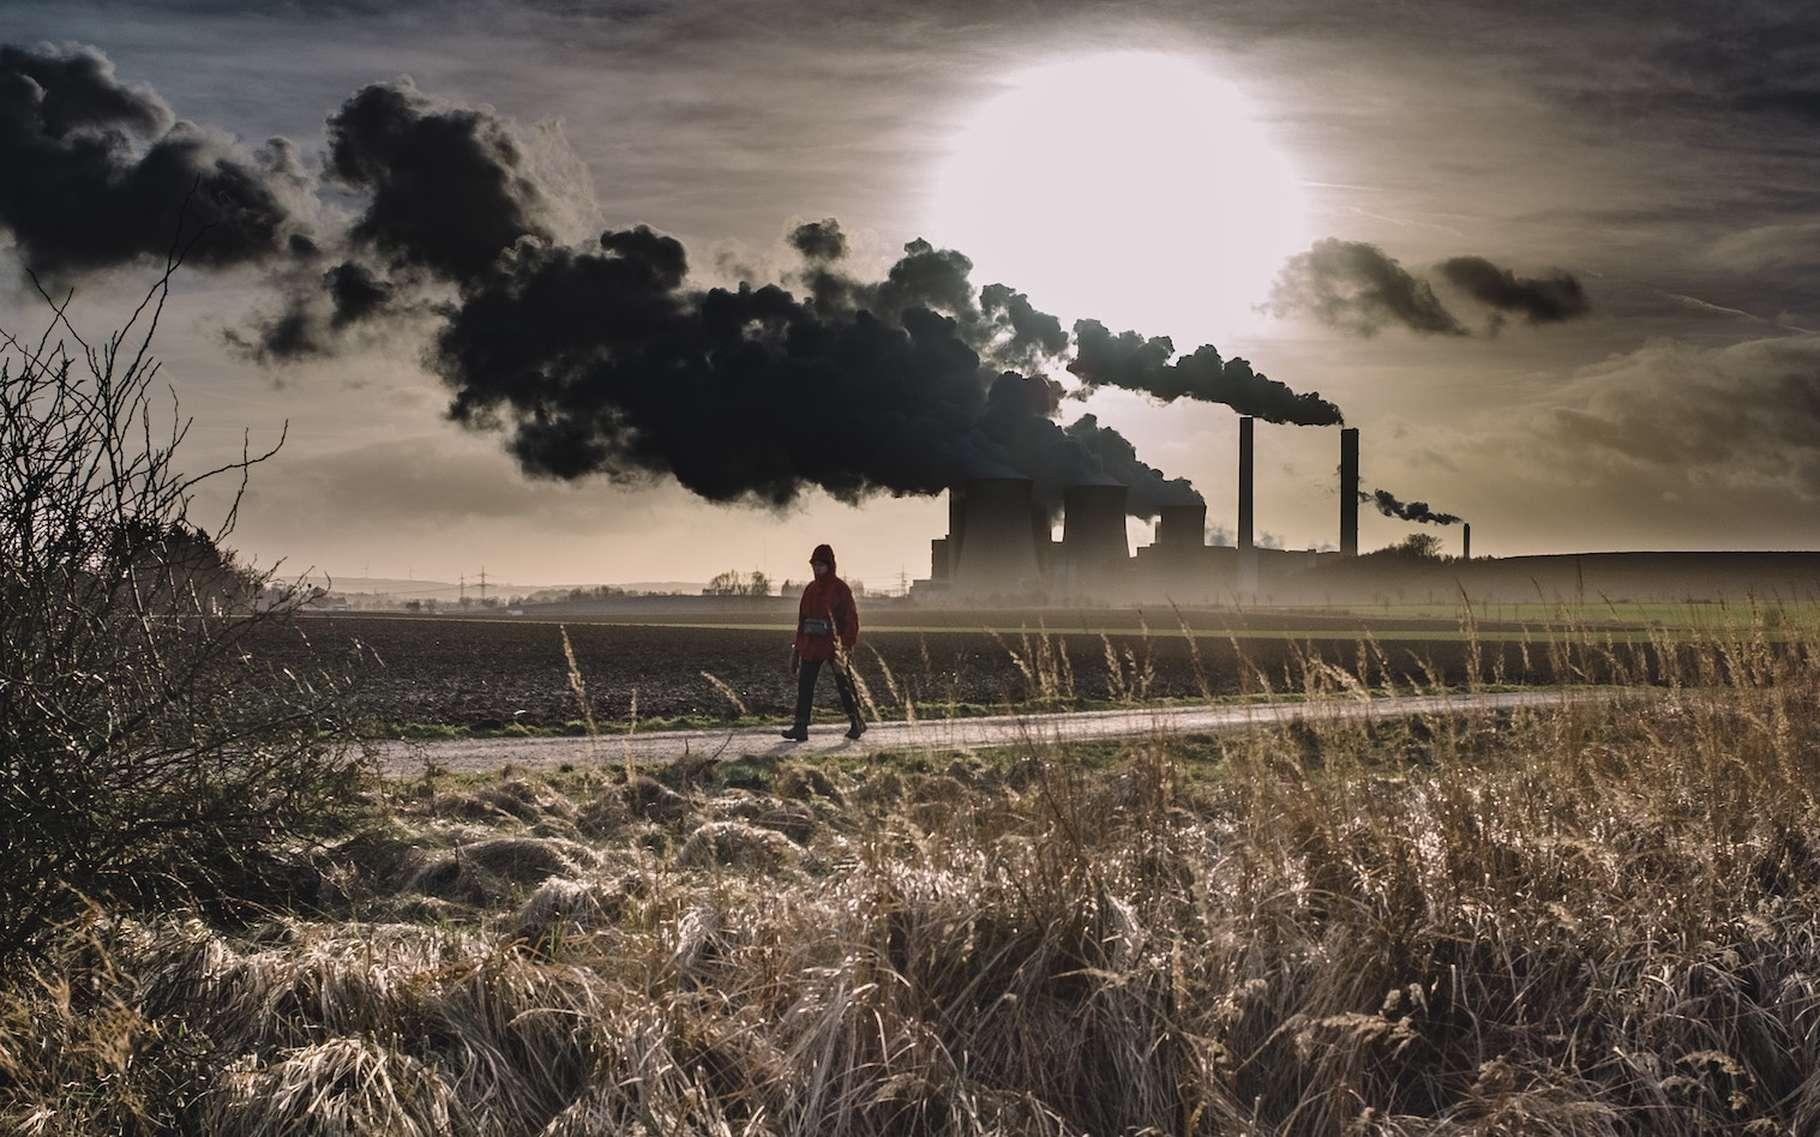 Le risque industriel correspond au danger que l'exploitation d'une installation représente pour son personnel, la population voisine ou l'environnement. © Thomas Hafeneth, Unsplash